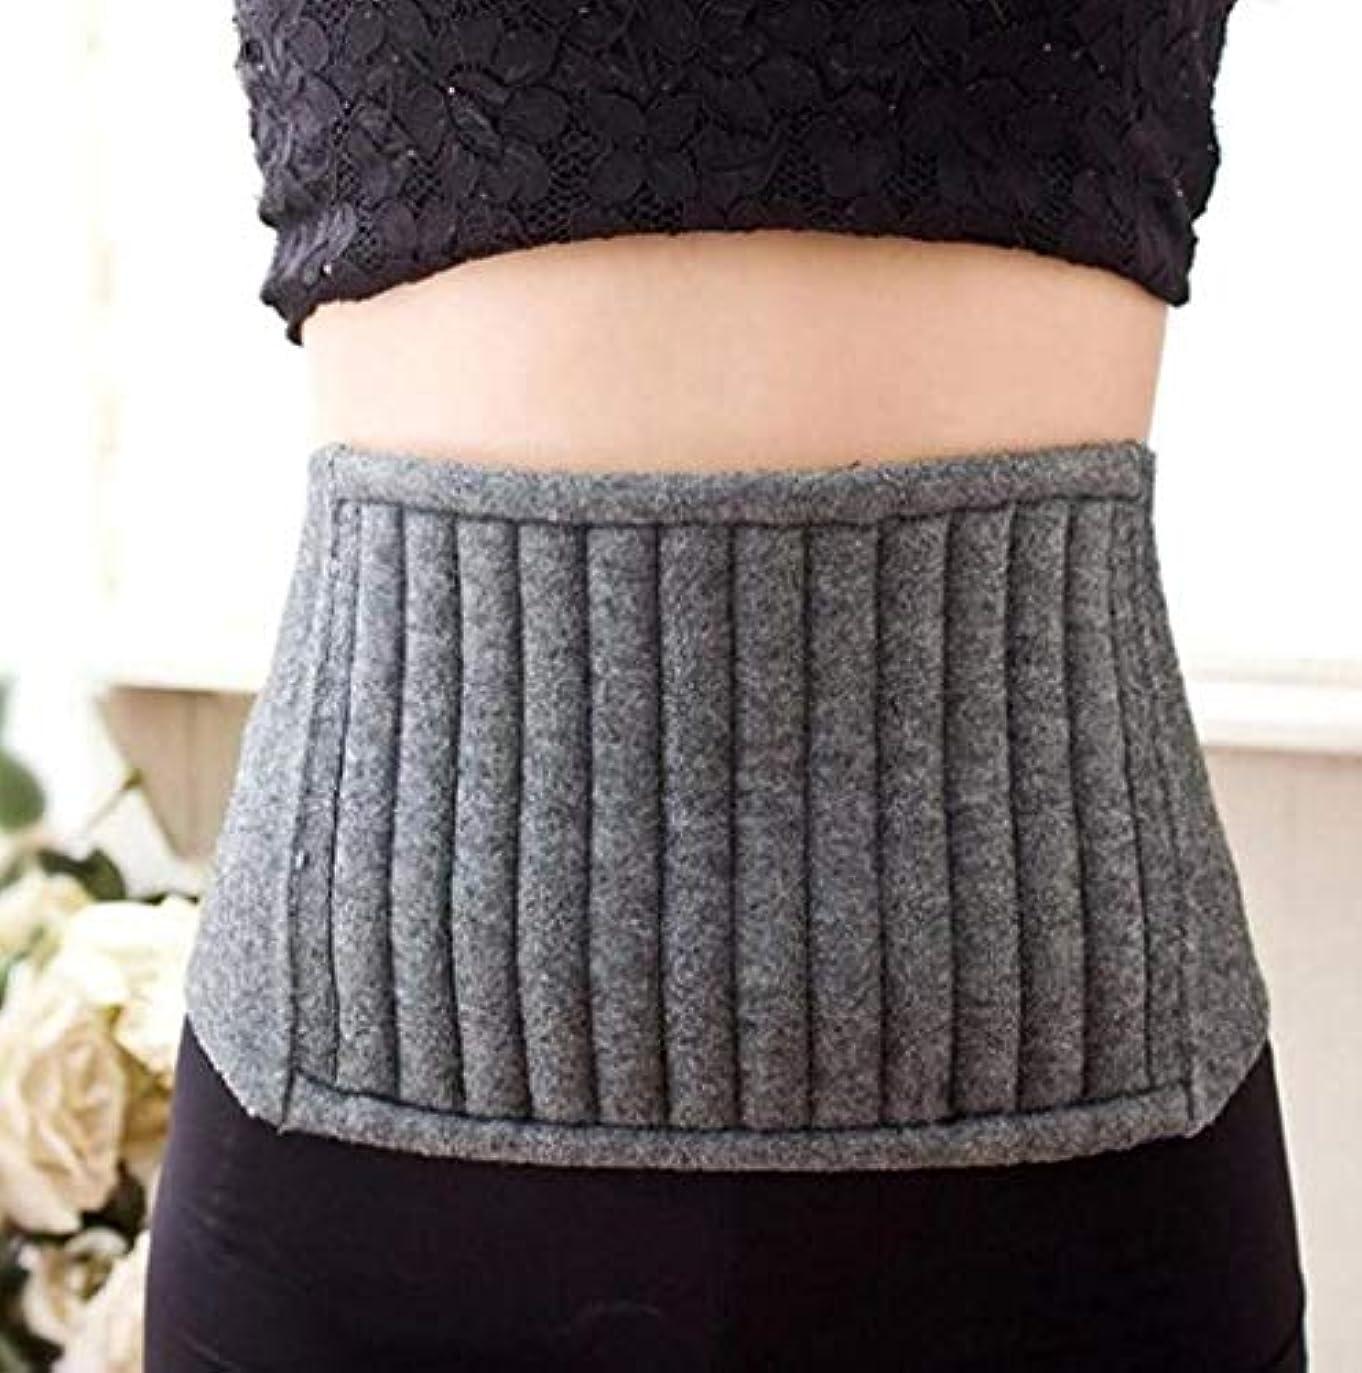 完了消化ゴシップウエスト暖かいベルト、冬に適した人間工学に基づく女性のウエストベルトウールウォーム腎臓ベルト、/フィットネス